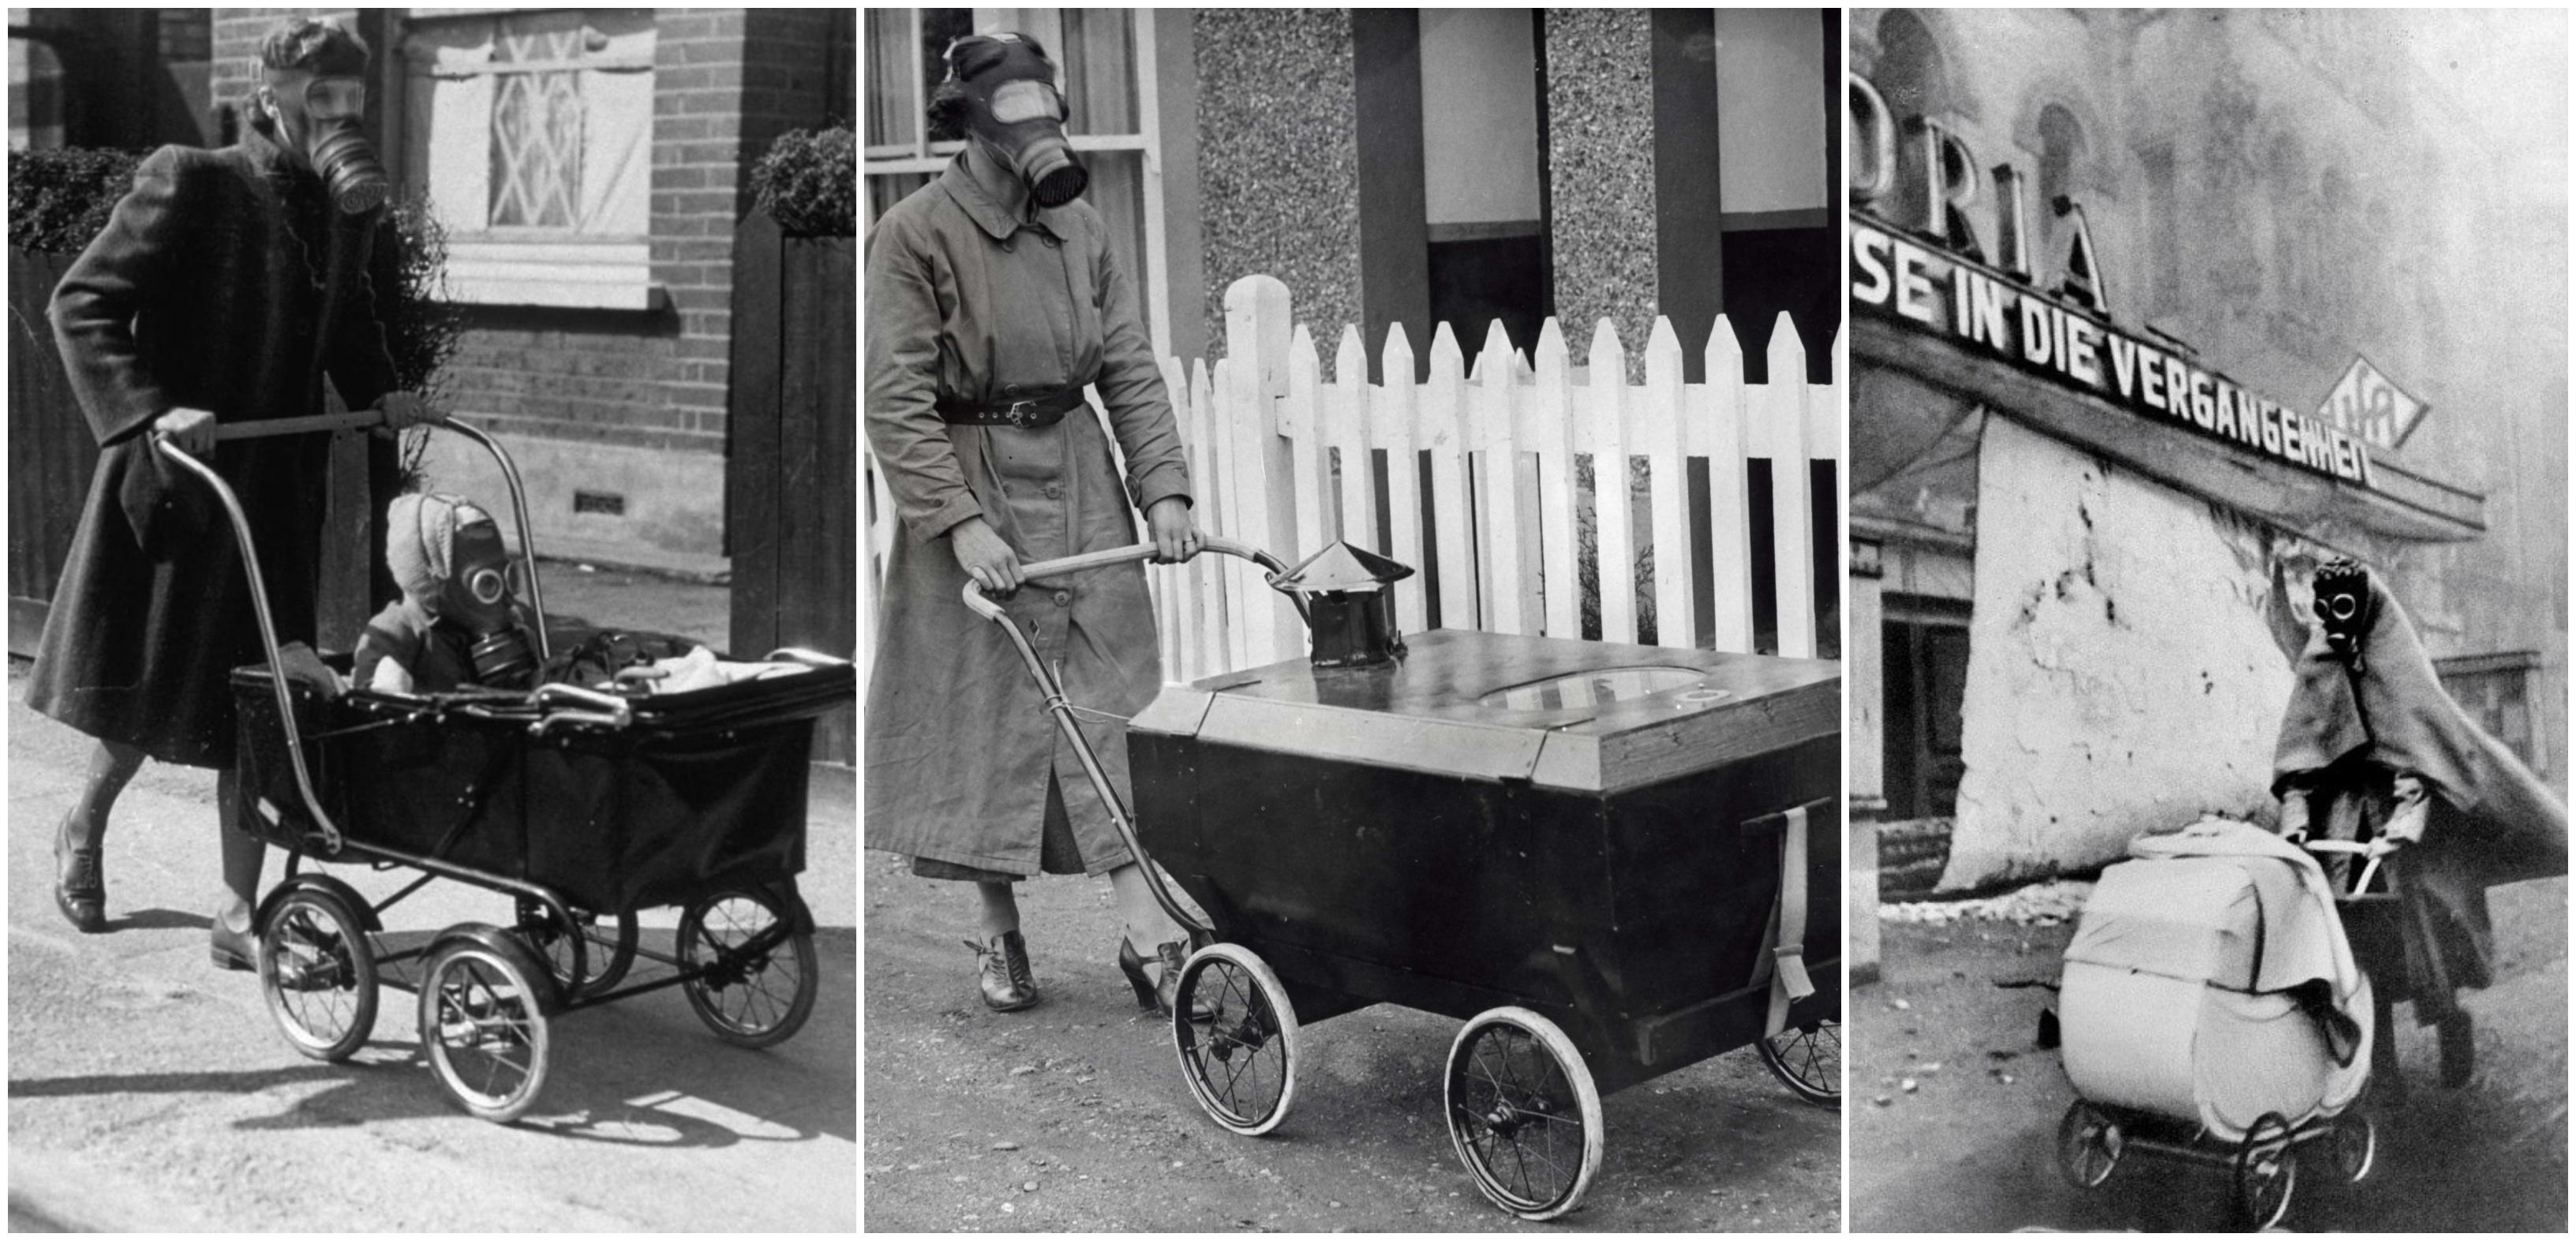 A II. világháború asszonyai, akik egészen leleményes módon sétáltatták a gyerekeket - bár elég ijesztőnek tűnik, a babakocsiban volt szellőztetés, ami biztosította a tisztított levegőt.